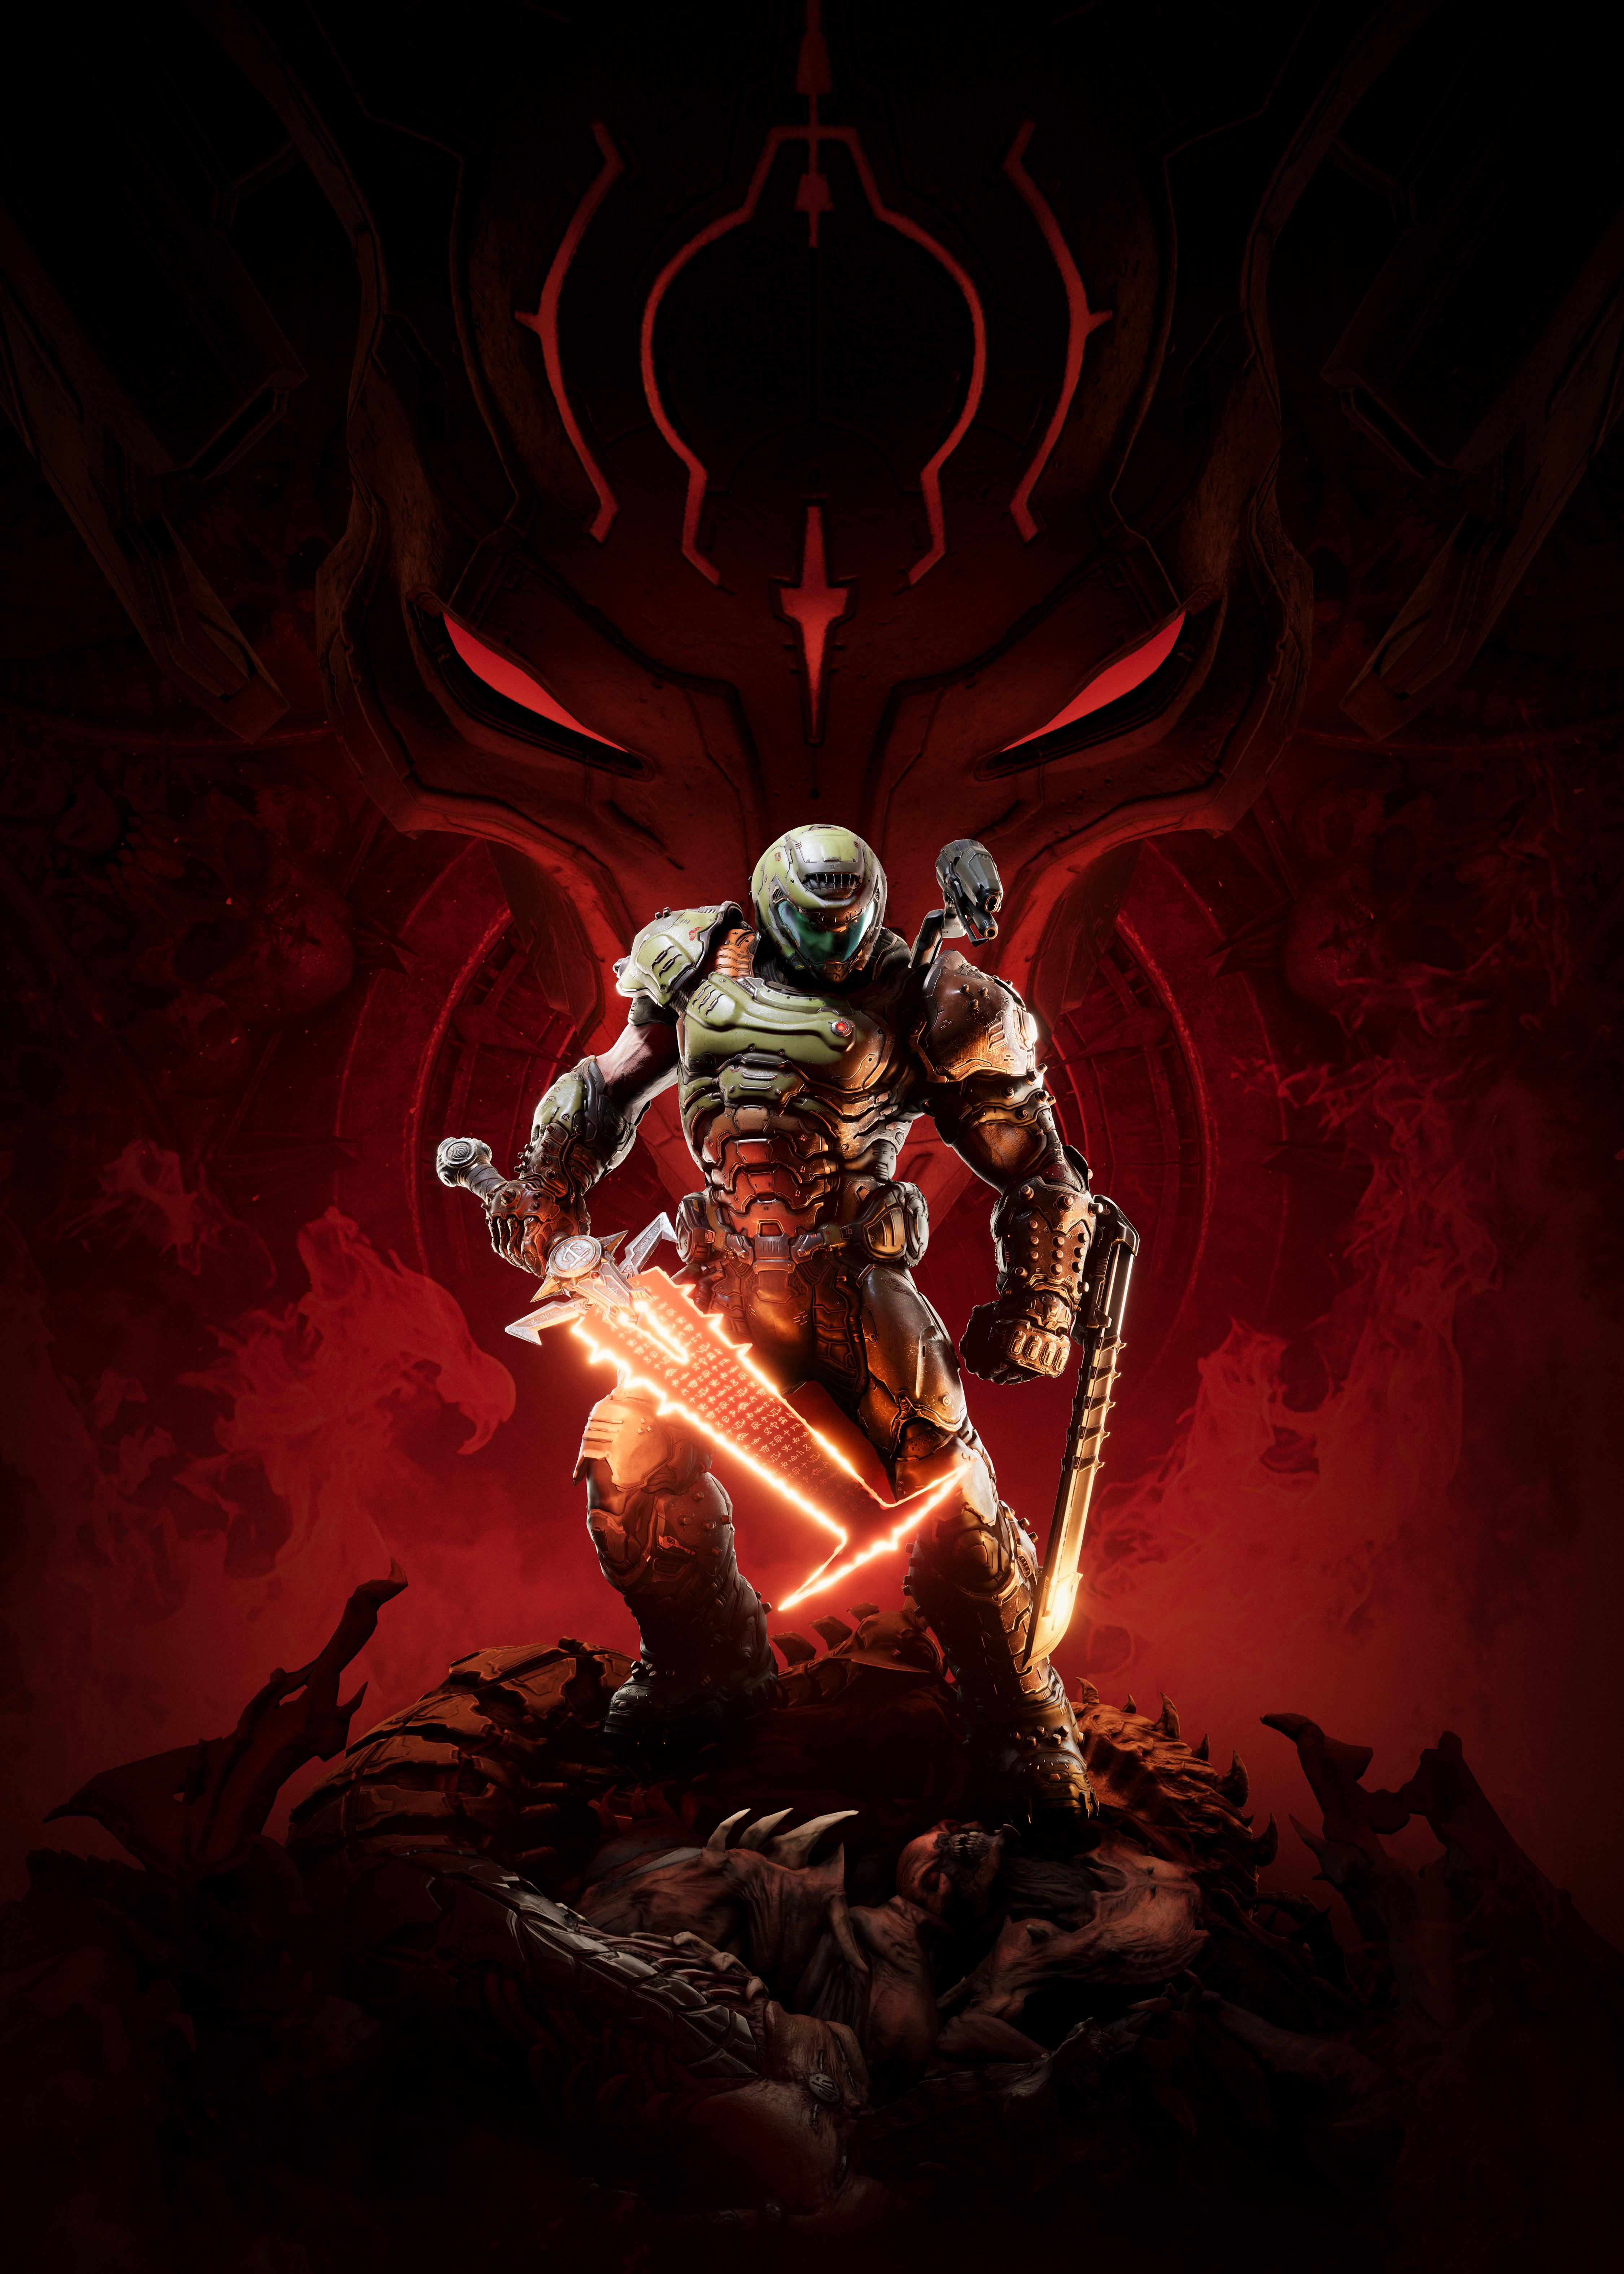 Doom Eternal 4K Wallpaper, Doomguy, Doom Slayer, 2020 ...